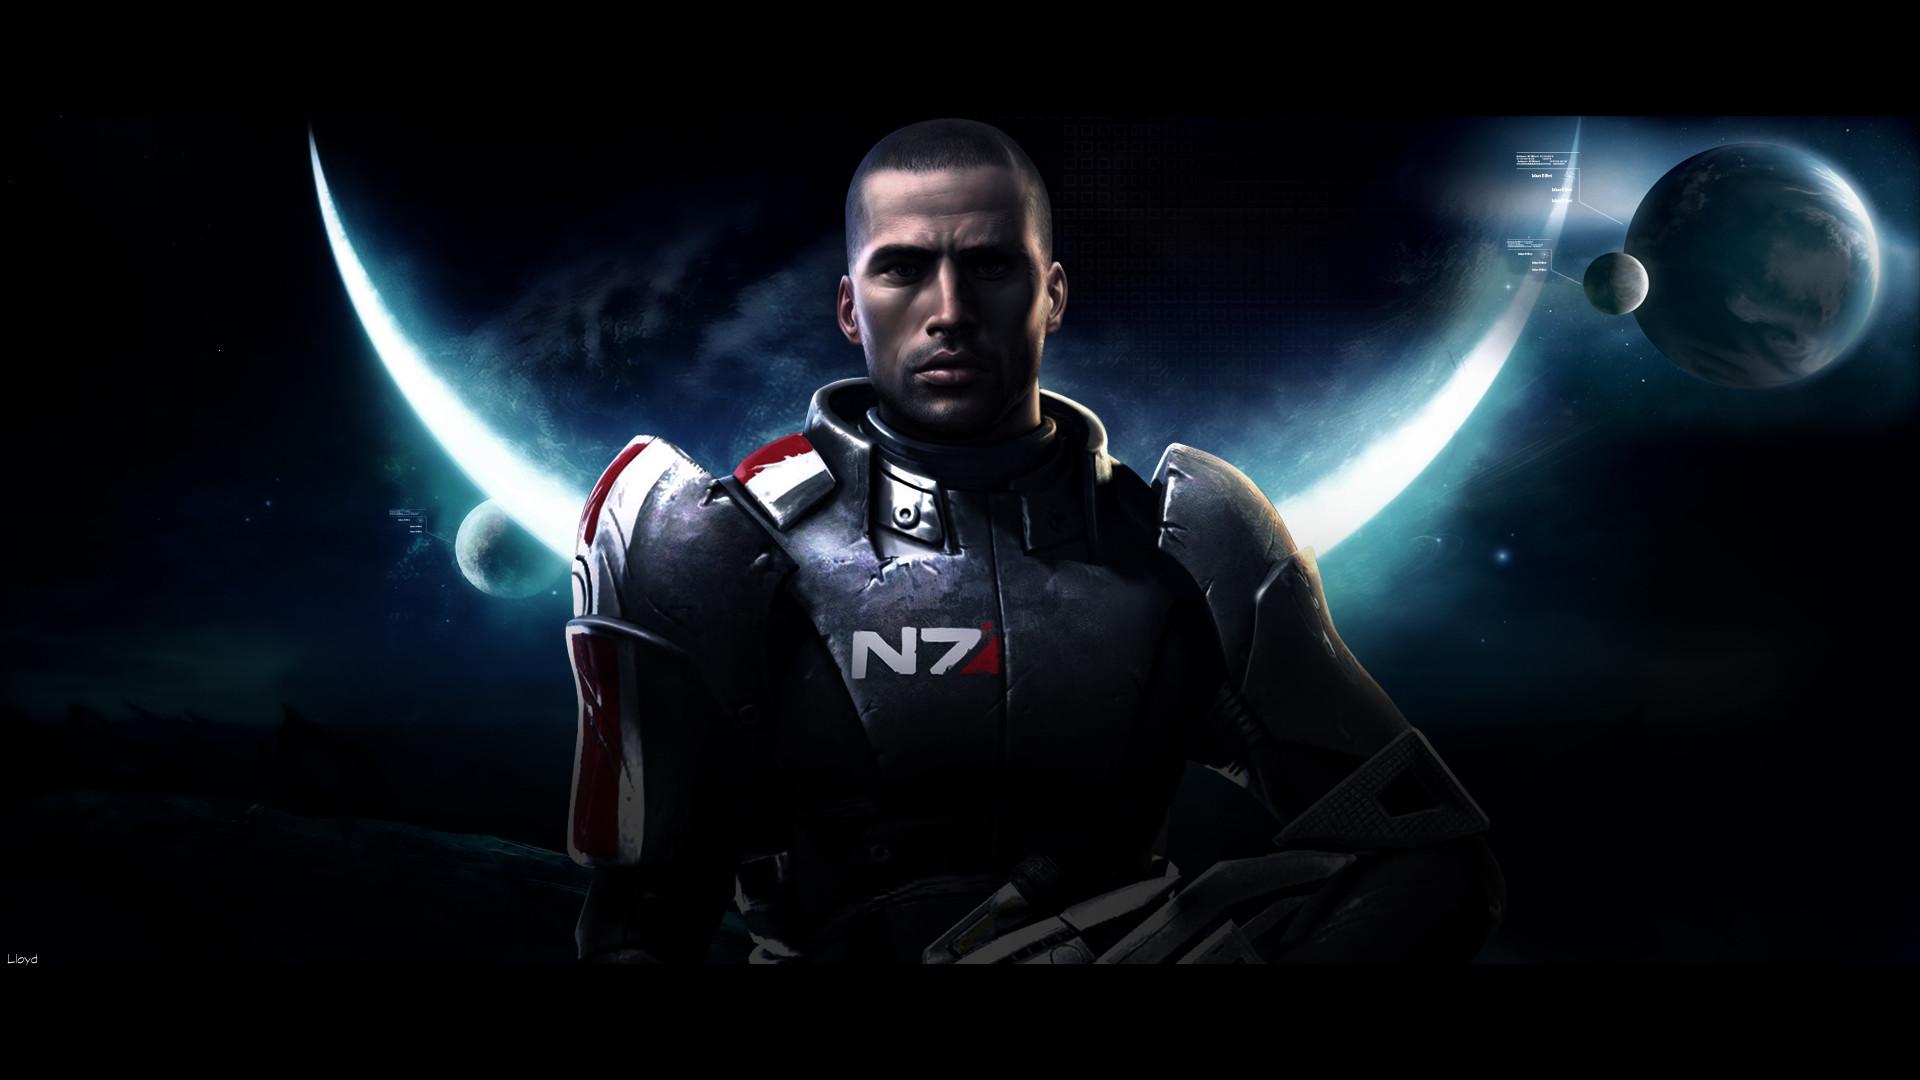 Res: 1920x1080, Mass Effect 3 N7 wallpaper